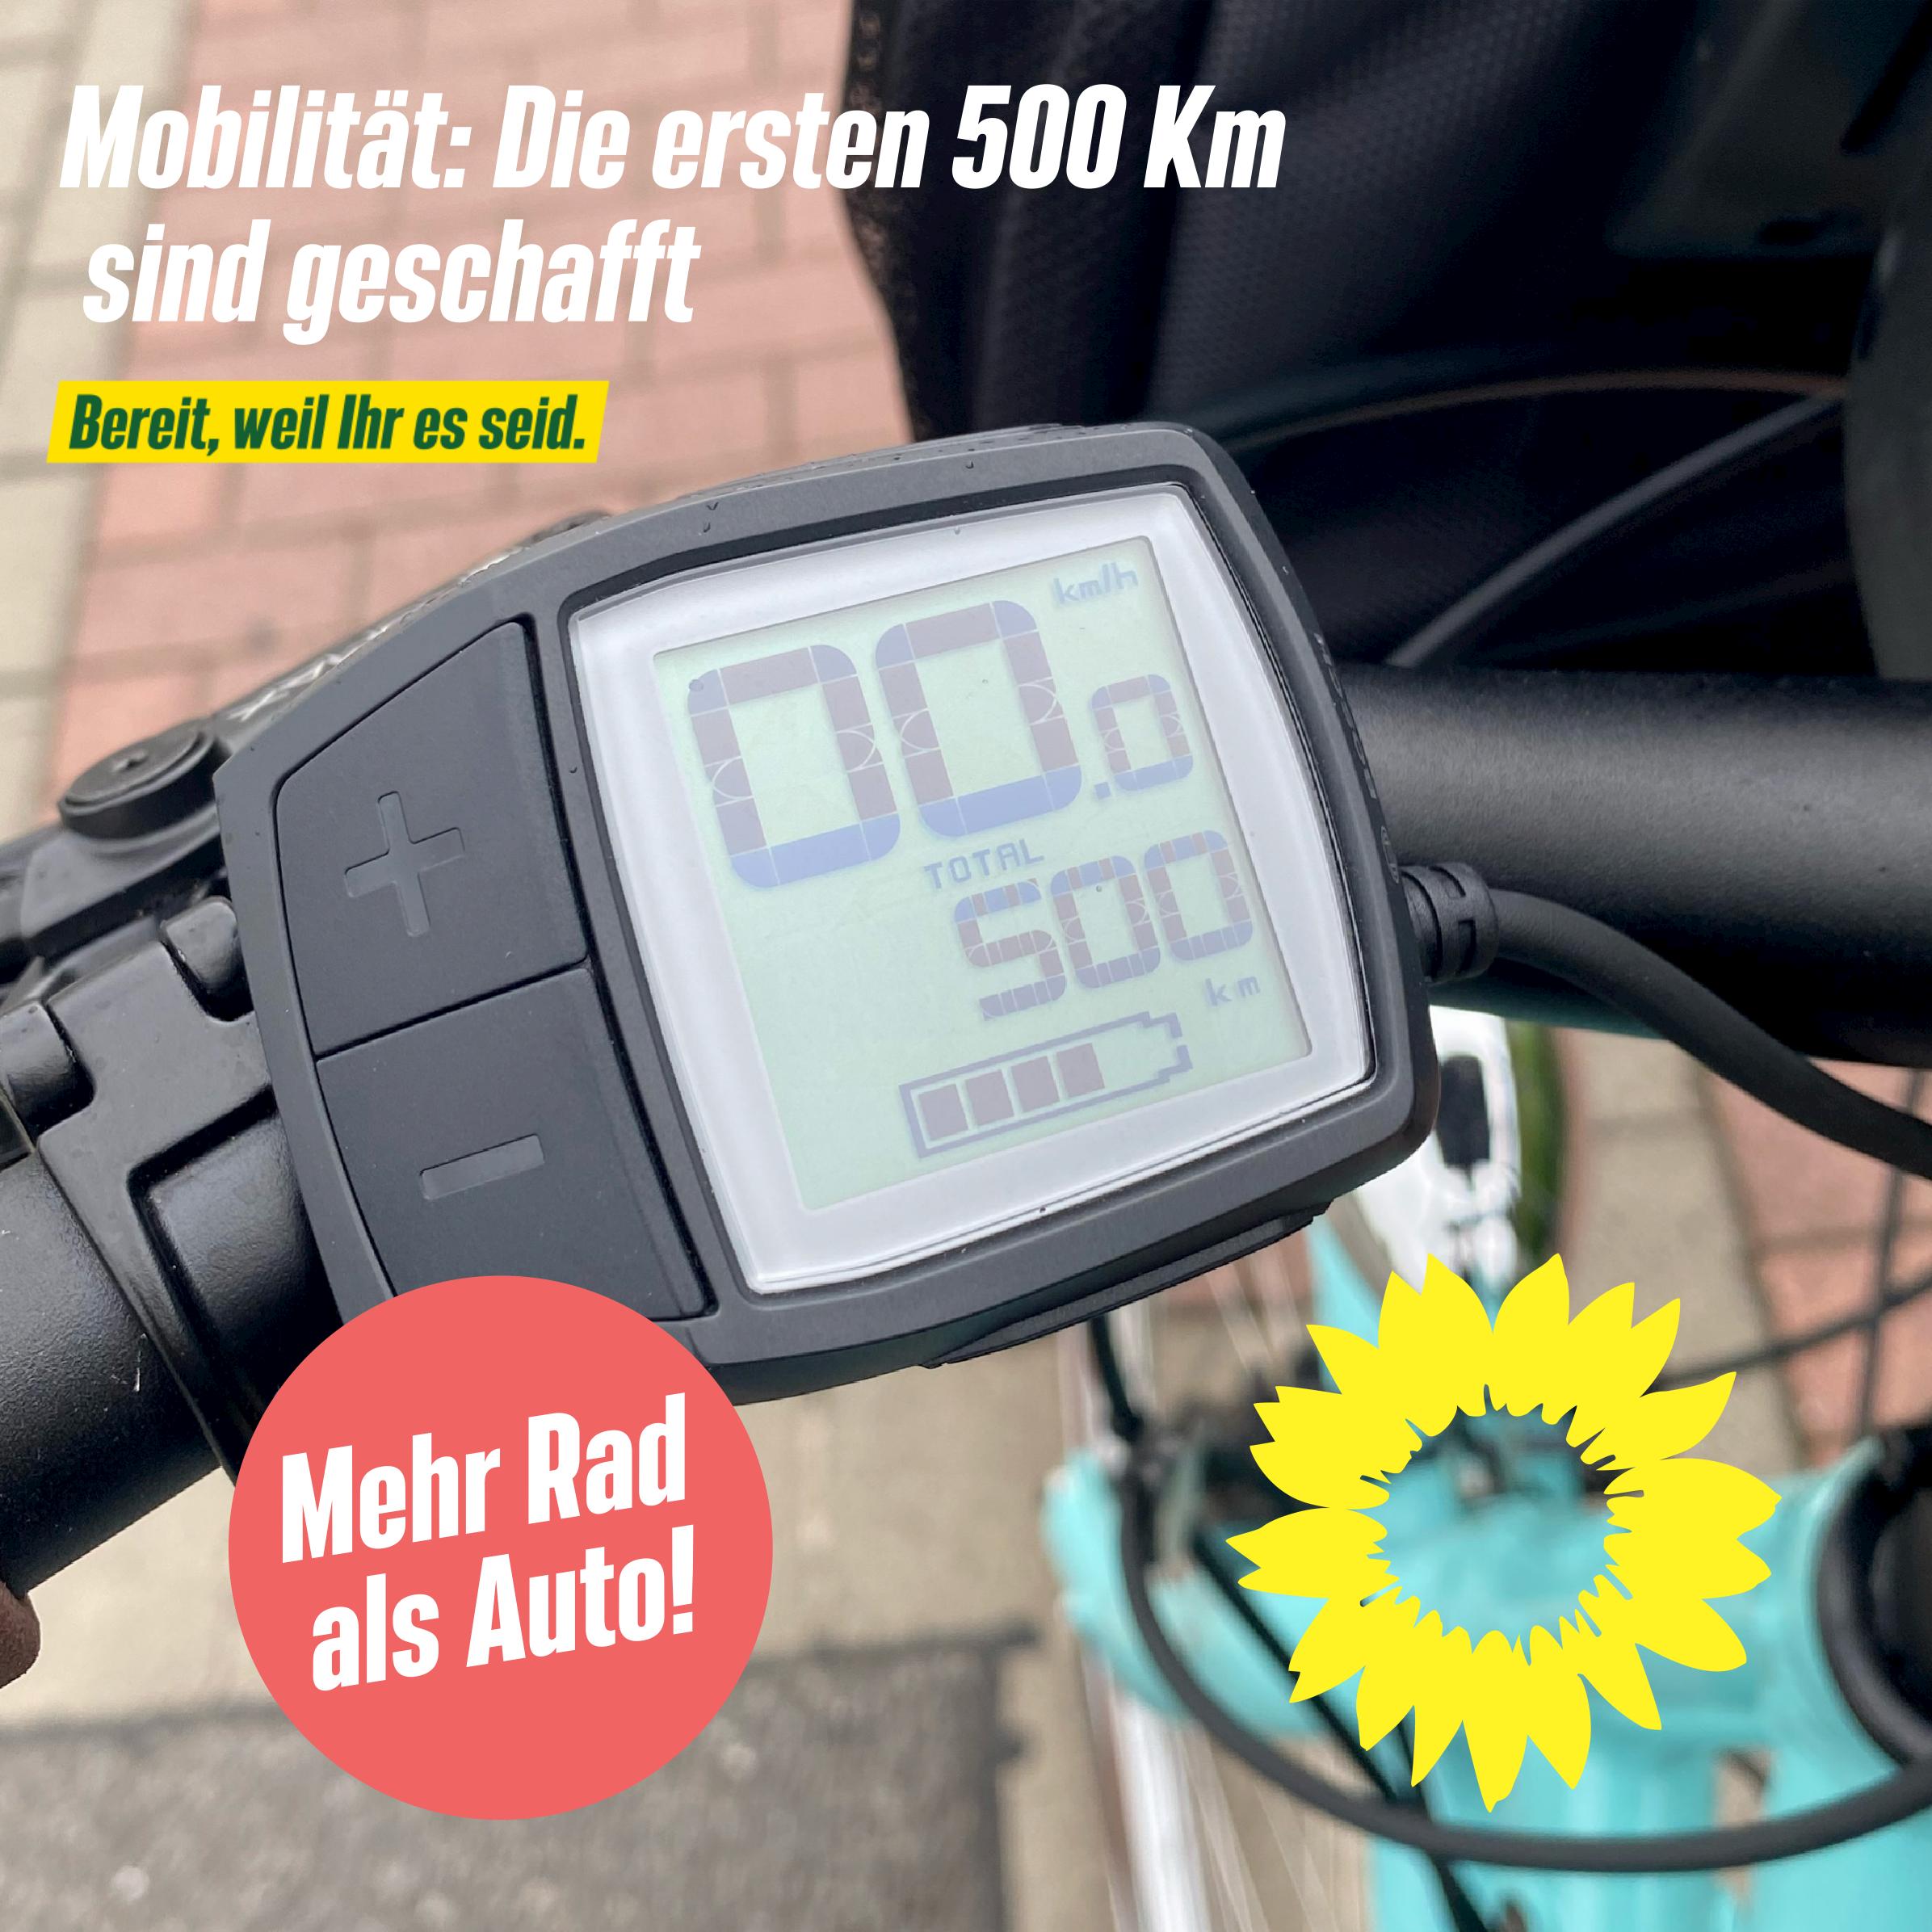 Mobilität: Die ersten 500 km